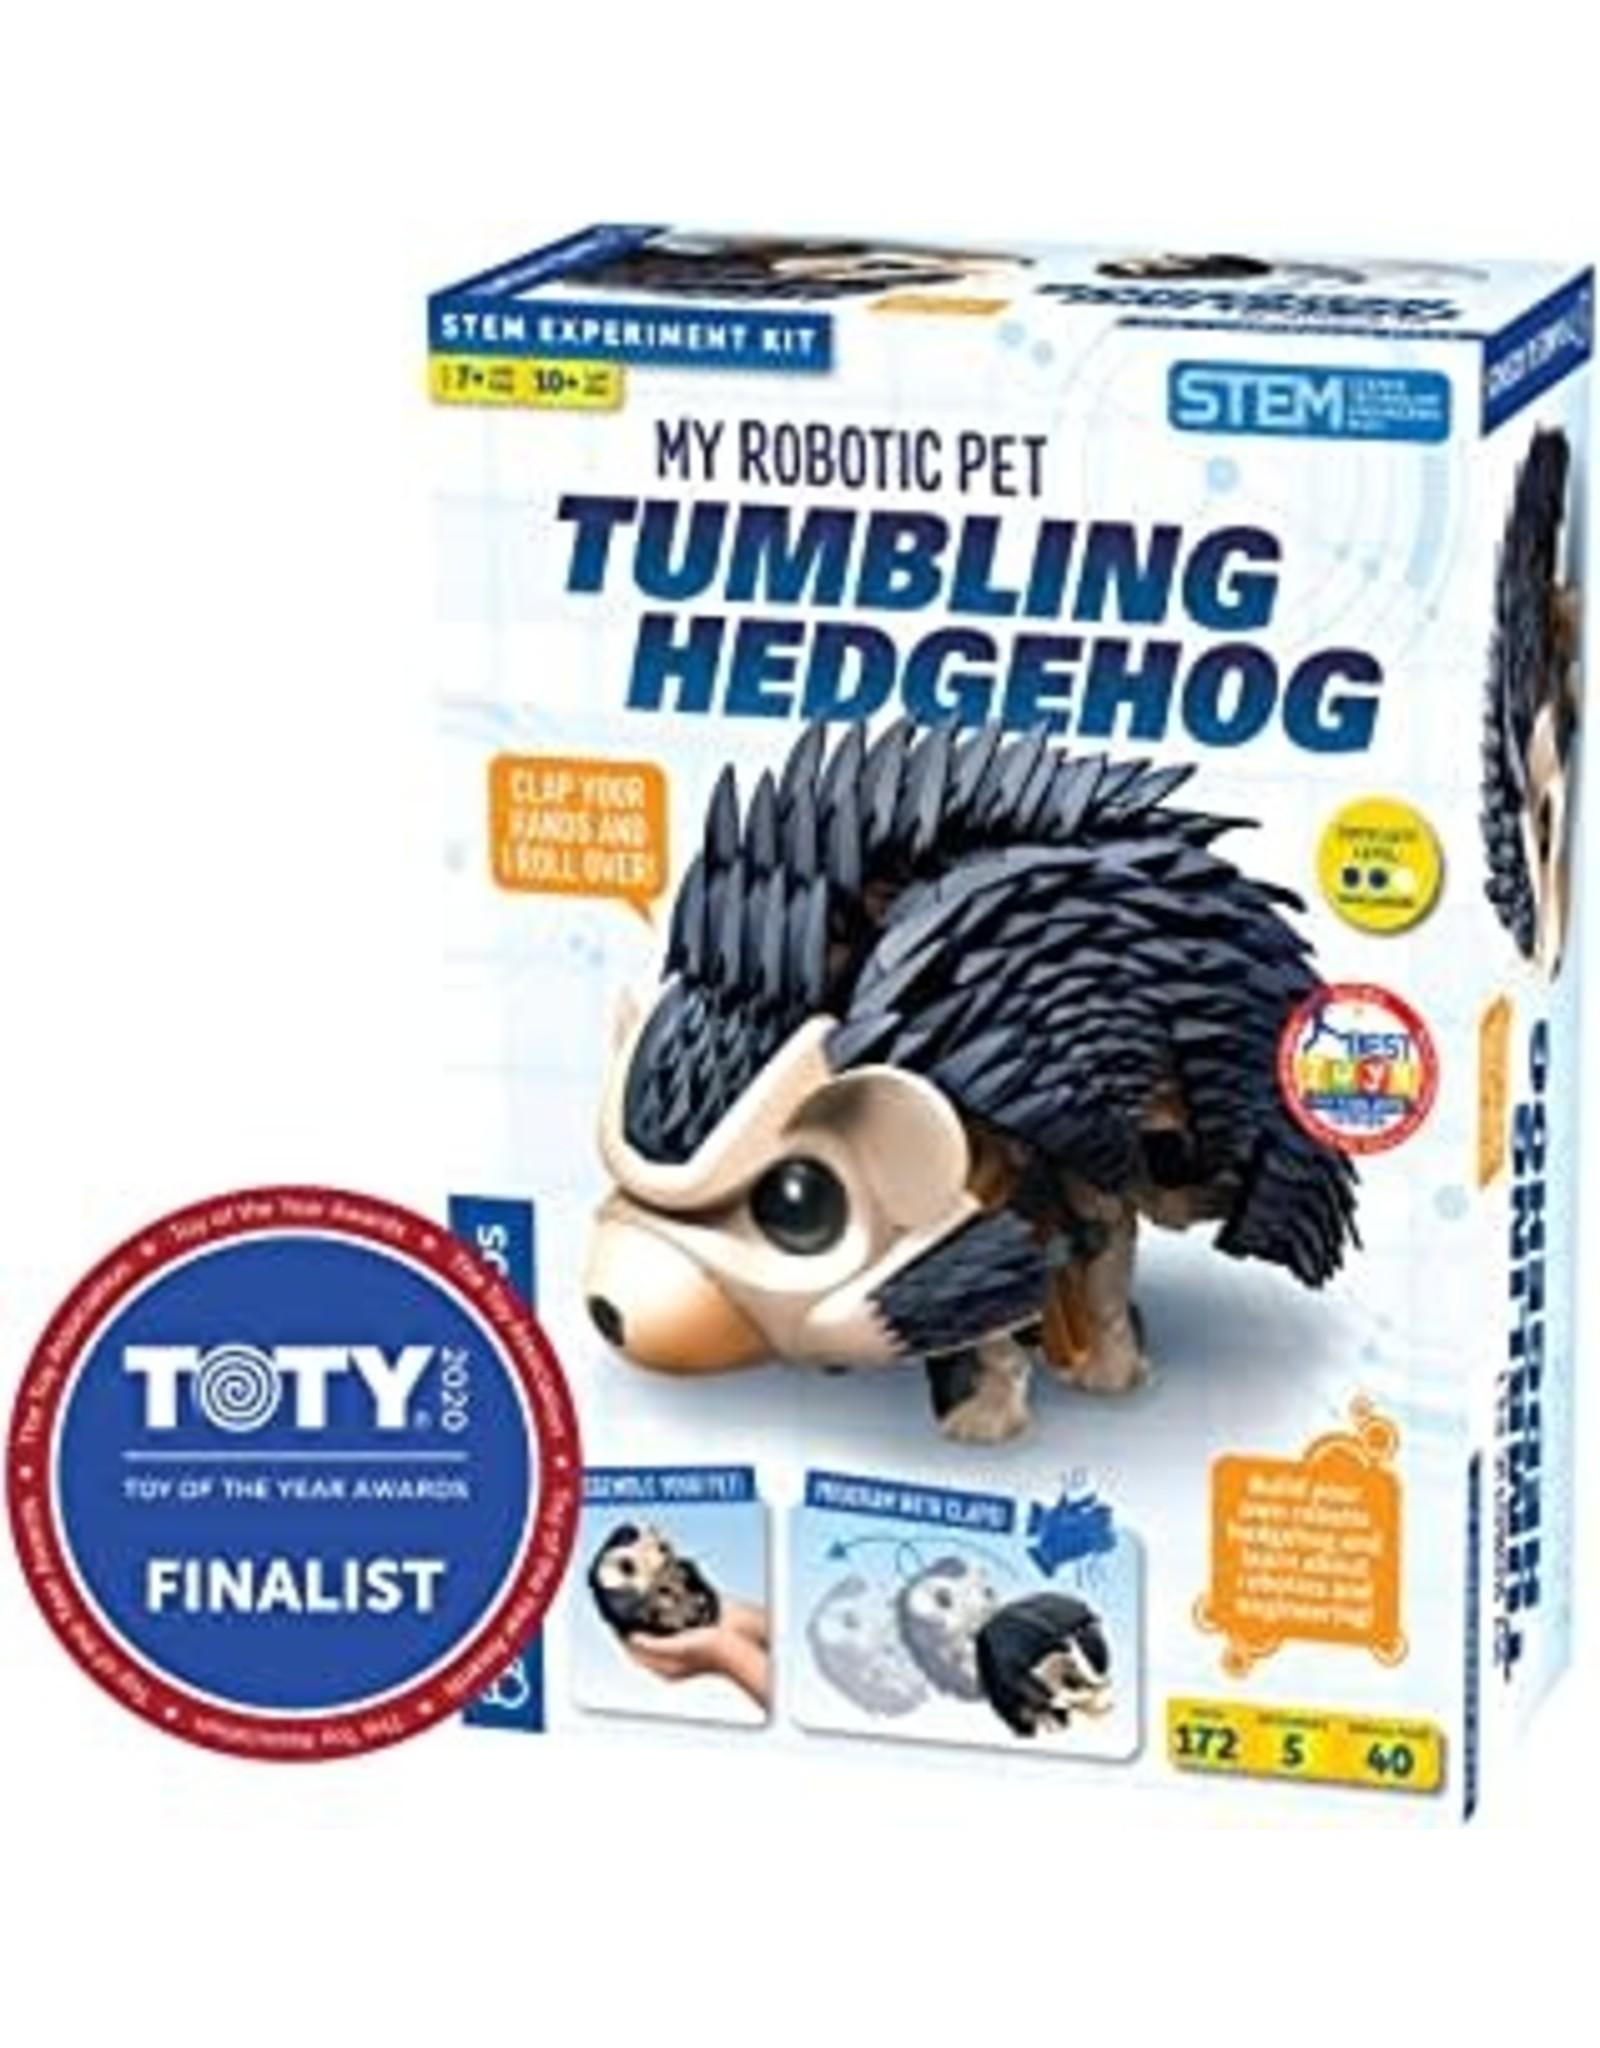 Thames & Kosmos My Robotic Pet: Tumbling Hedgehog